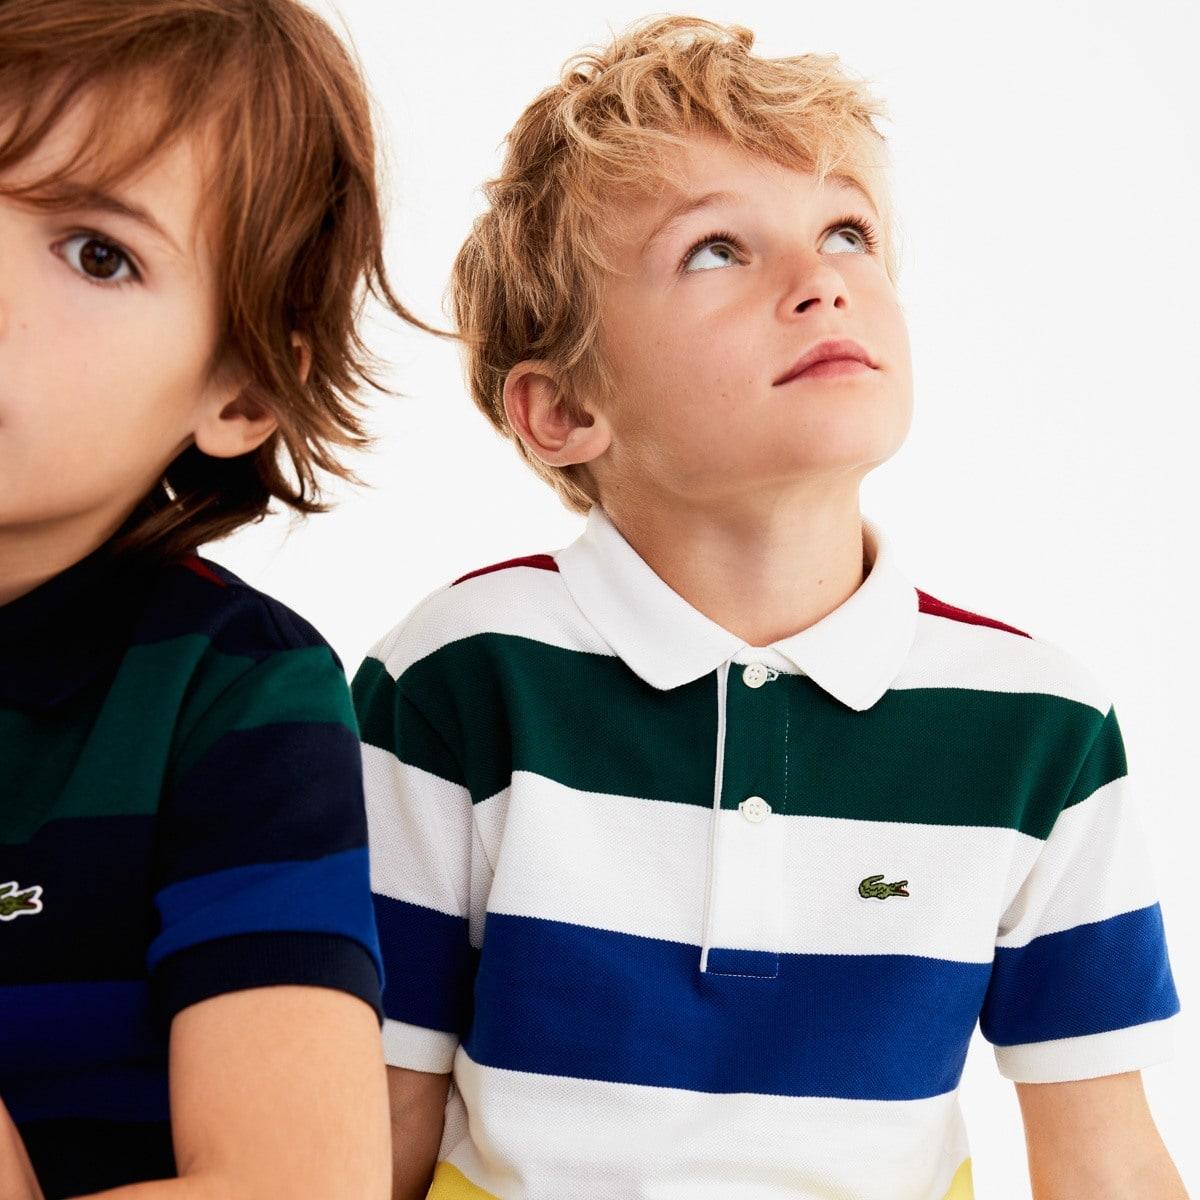 قميص بولو للصبيان مخطط بألون مختلفة من قطن بيكيه من Lacoste